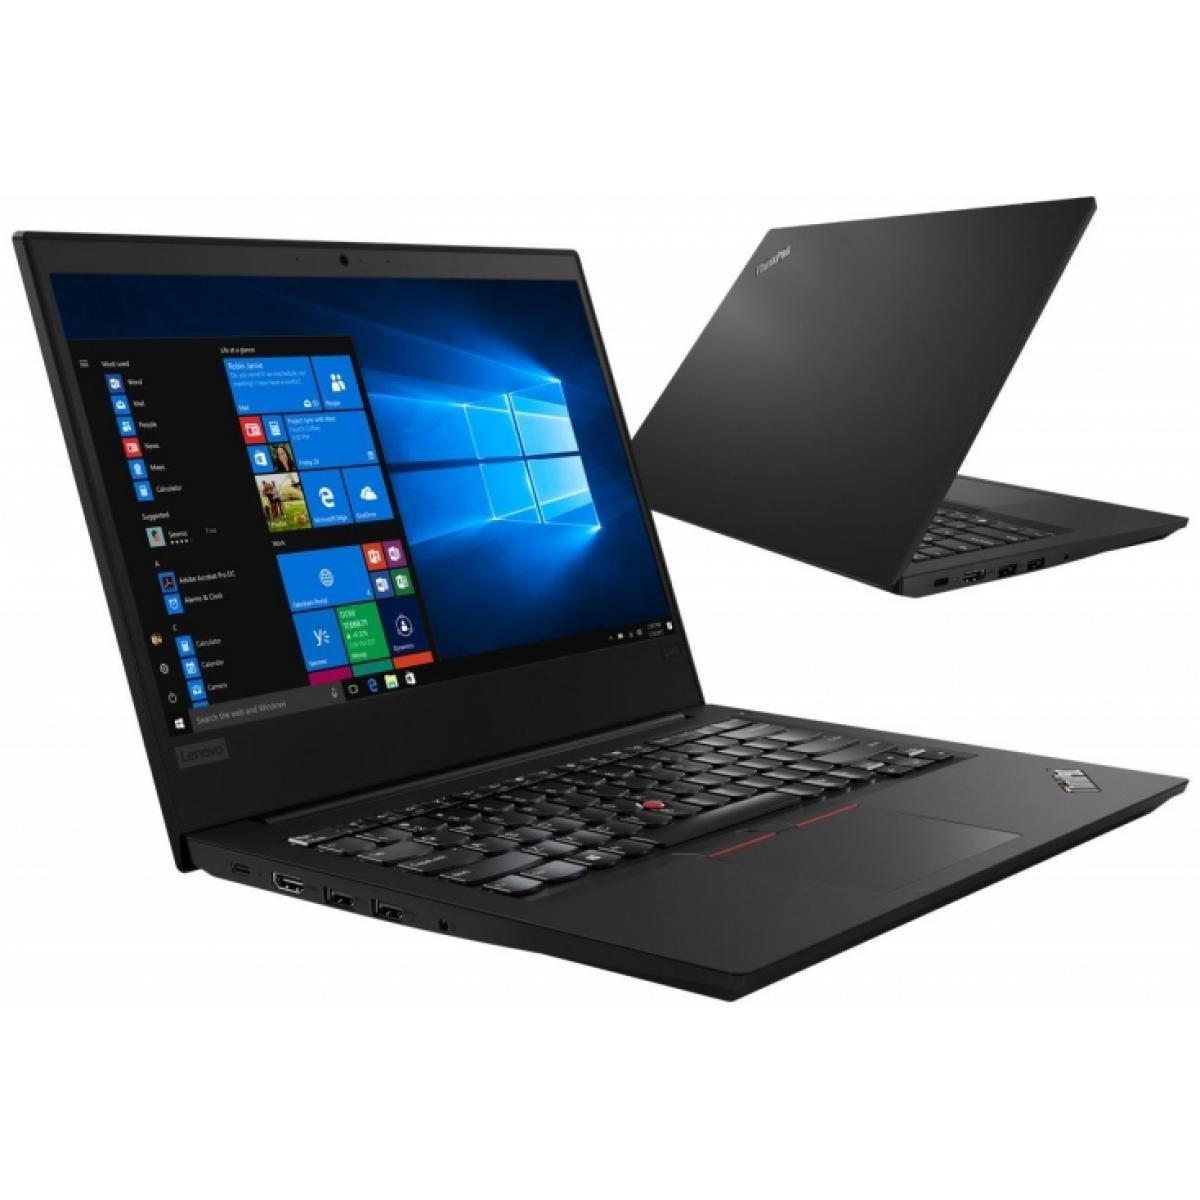 Lenovo ThinkPad E490 (20N8S0CK00) | i5-8265U | 4GB DDR4 | HDD 1TB | VGA Onboard | 14.0 HD | Win10 >>> Deal giá mua, Trả góp 0%